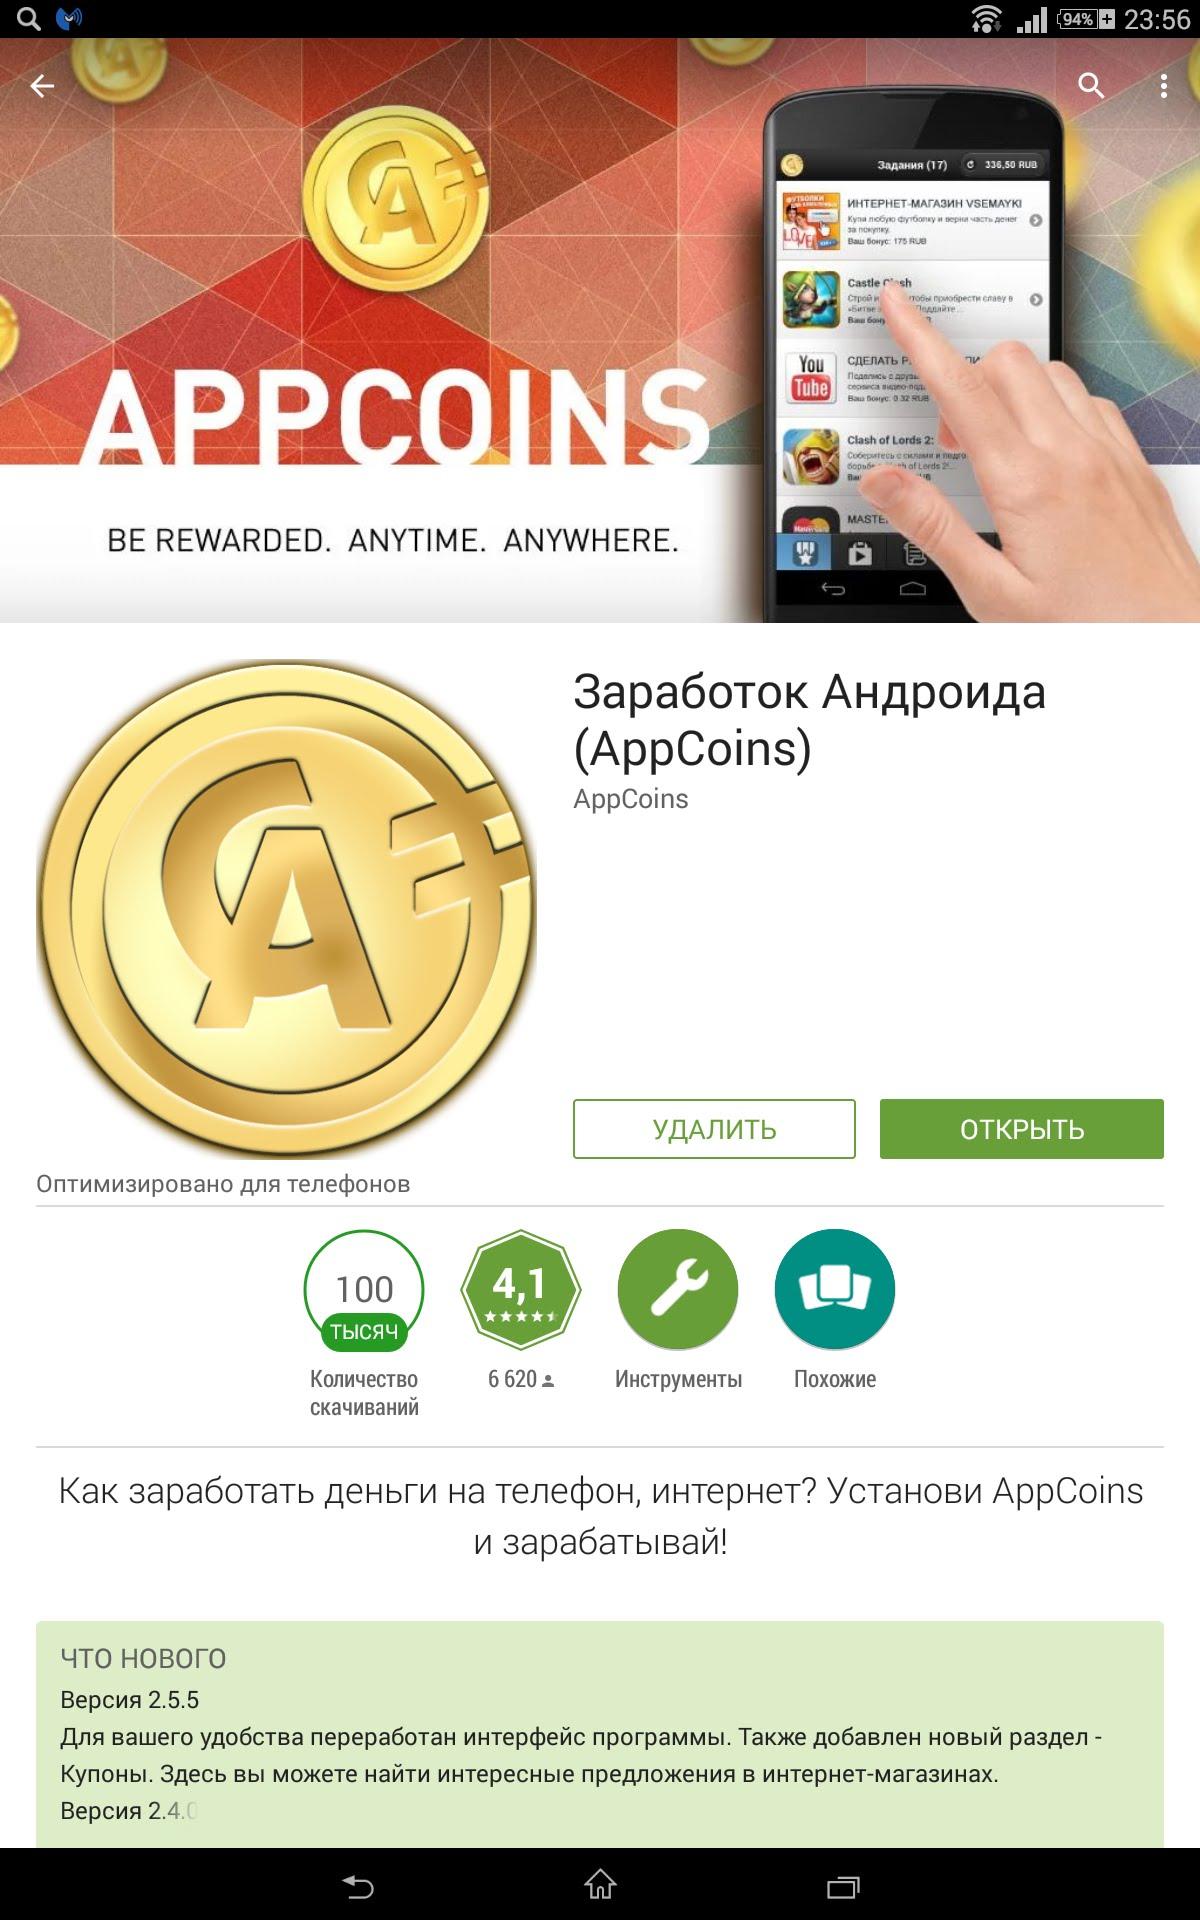 Как заработать денег на андроиде